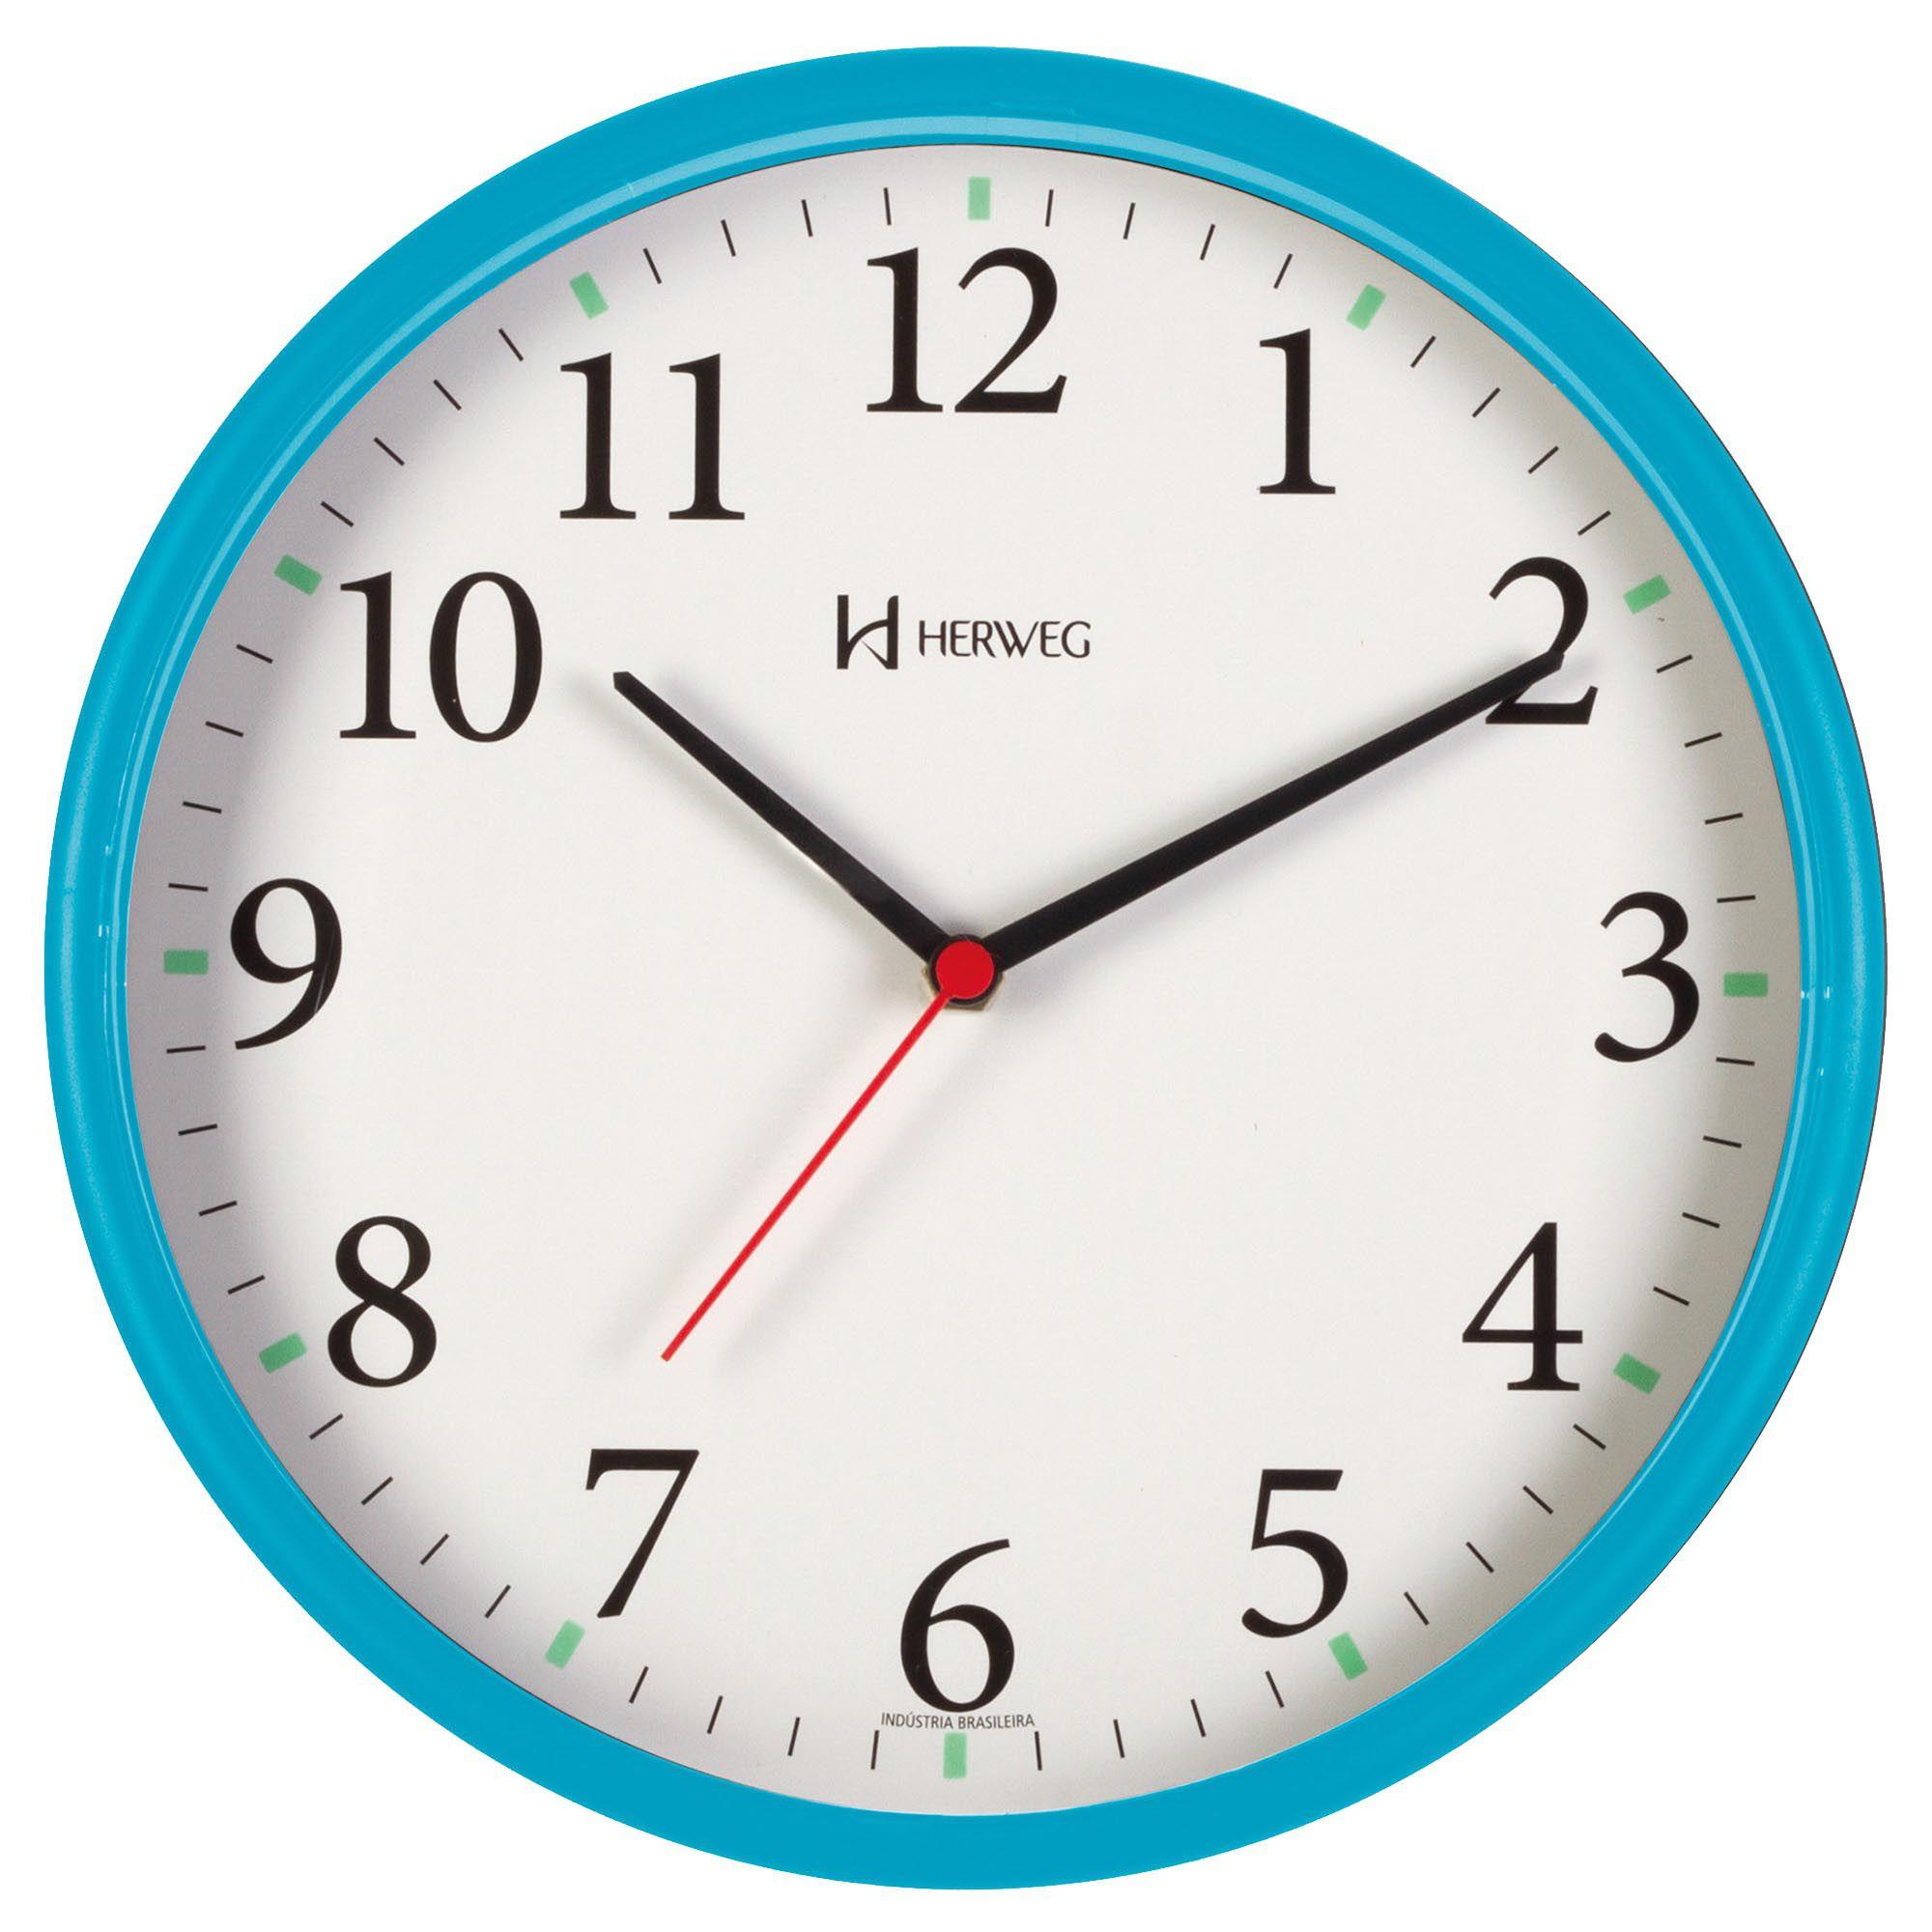 Relógio de Parede Analógico Herweg 660022 267 Turquesa Pantone